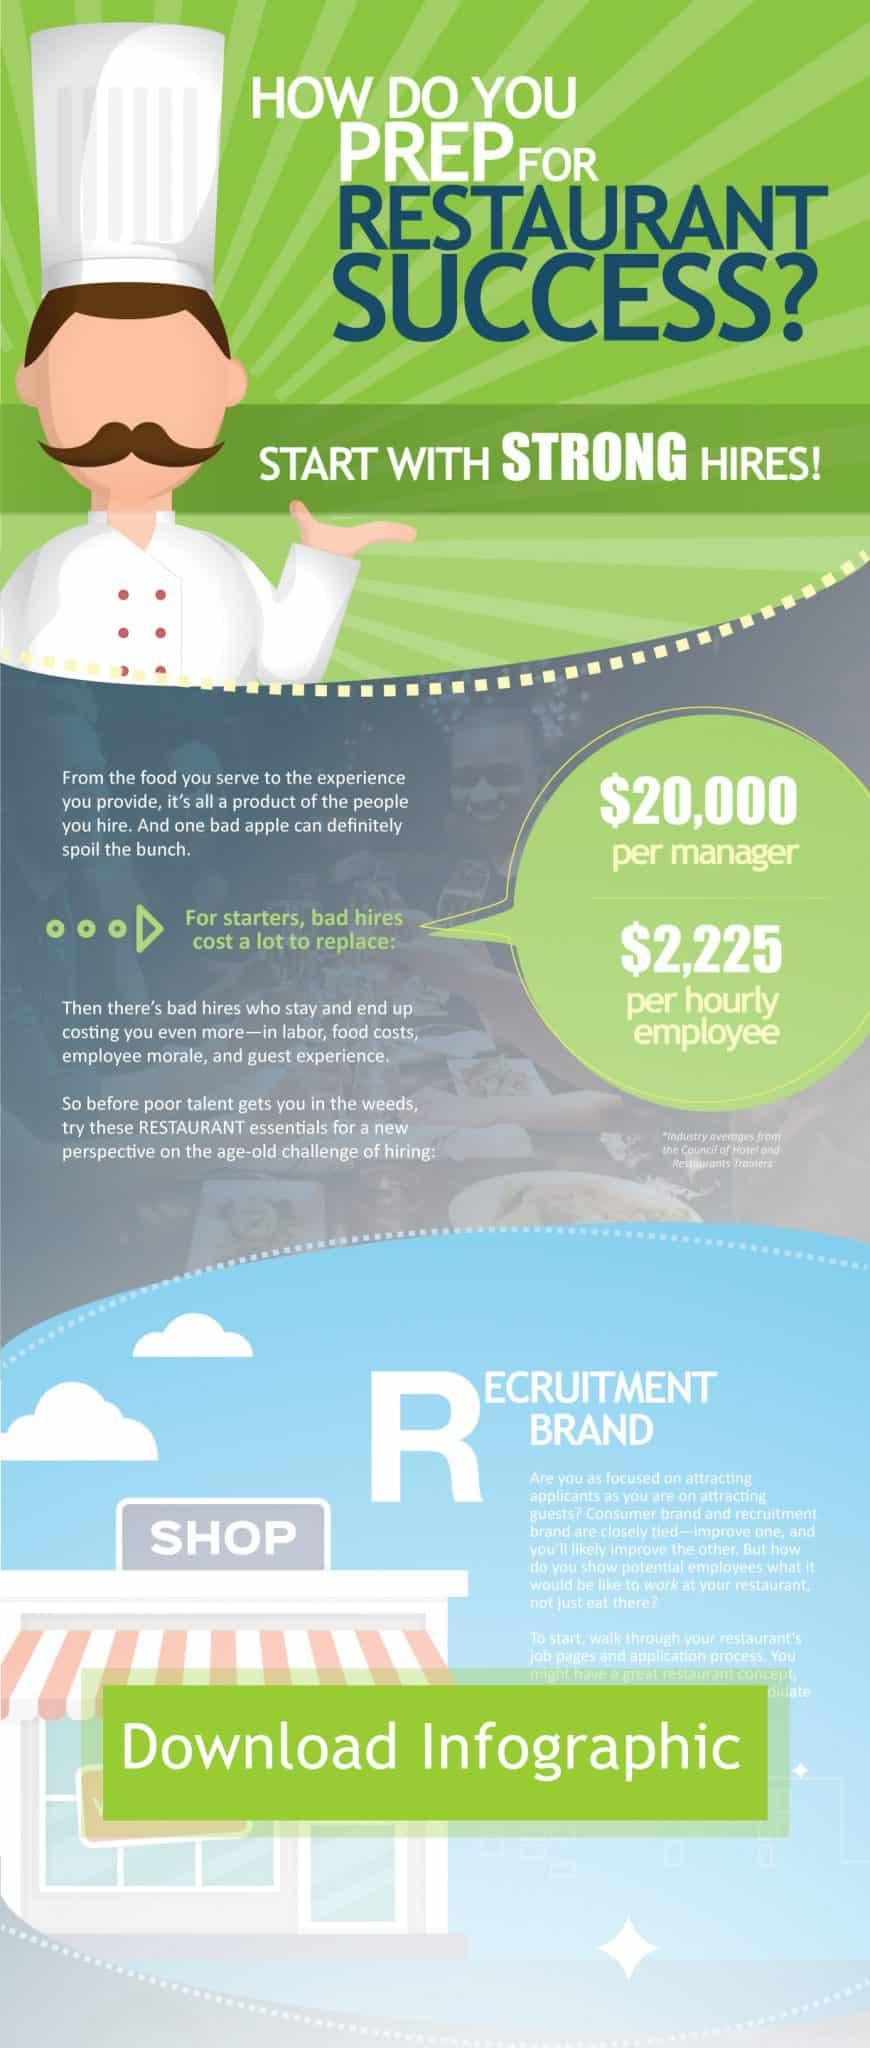 Infographic: How Do You Prep for RESTAURANT Success?